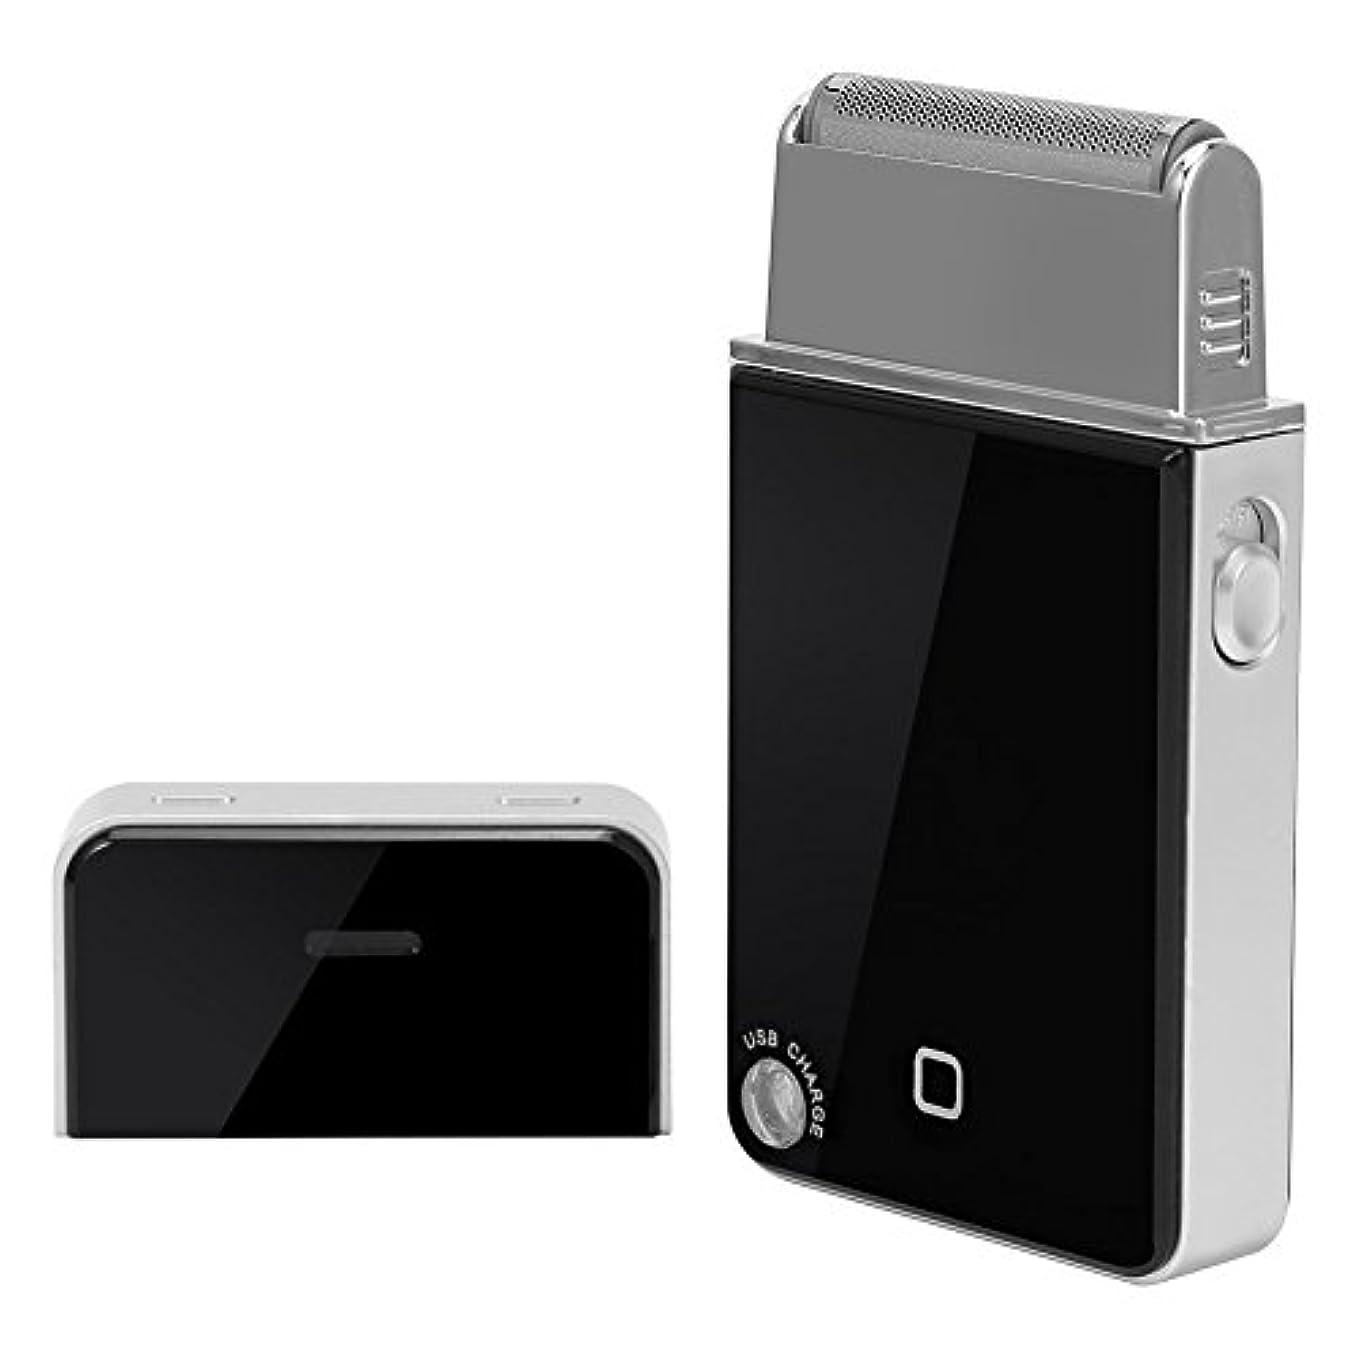 USB充電器付きメンズ電気シェーバー充電式洗える超薄型ウェットとドライシェーバーフェイスシェーバー電気カミソリピストン